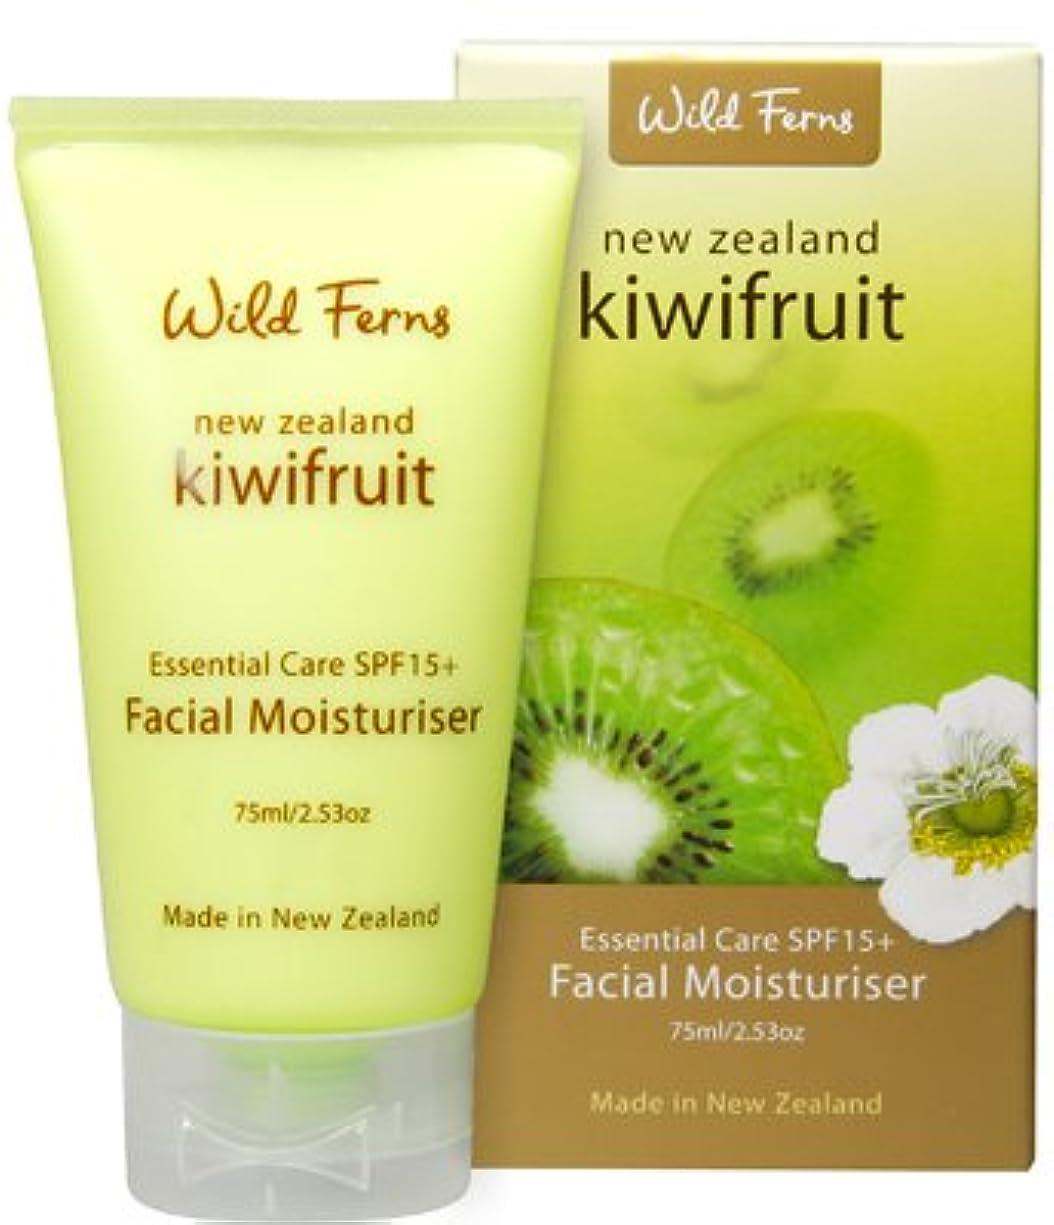 影響力のある予算重荷キーウィフルーツ エッセンシャルケアSPF15+ フェイシャル保湿剤 (ニュージーランド限定品)